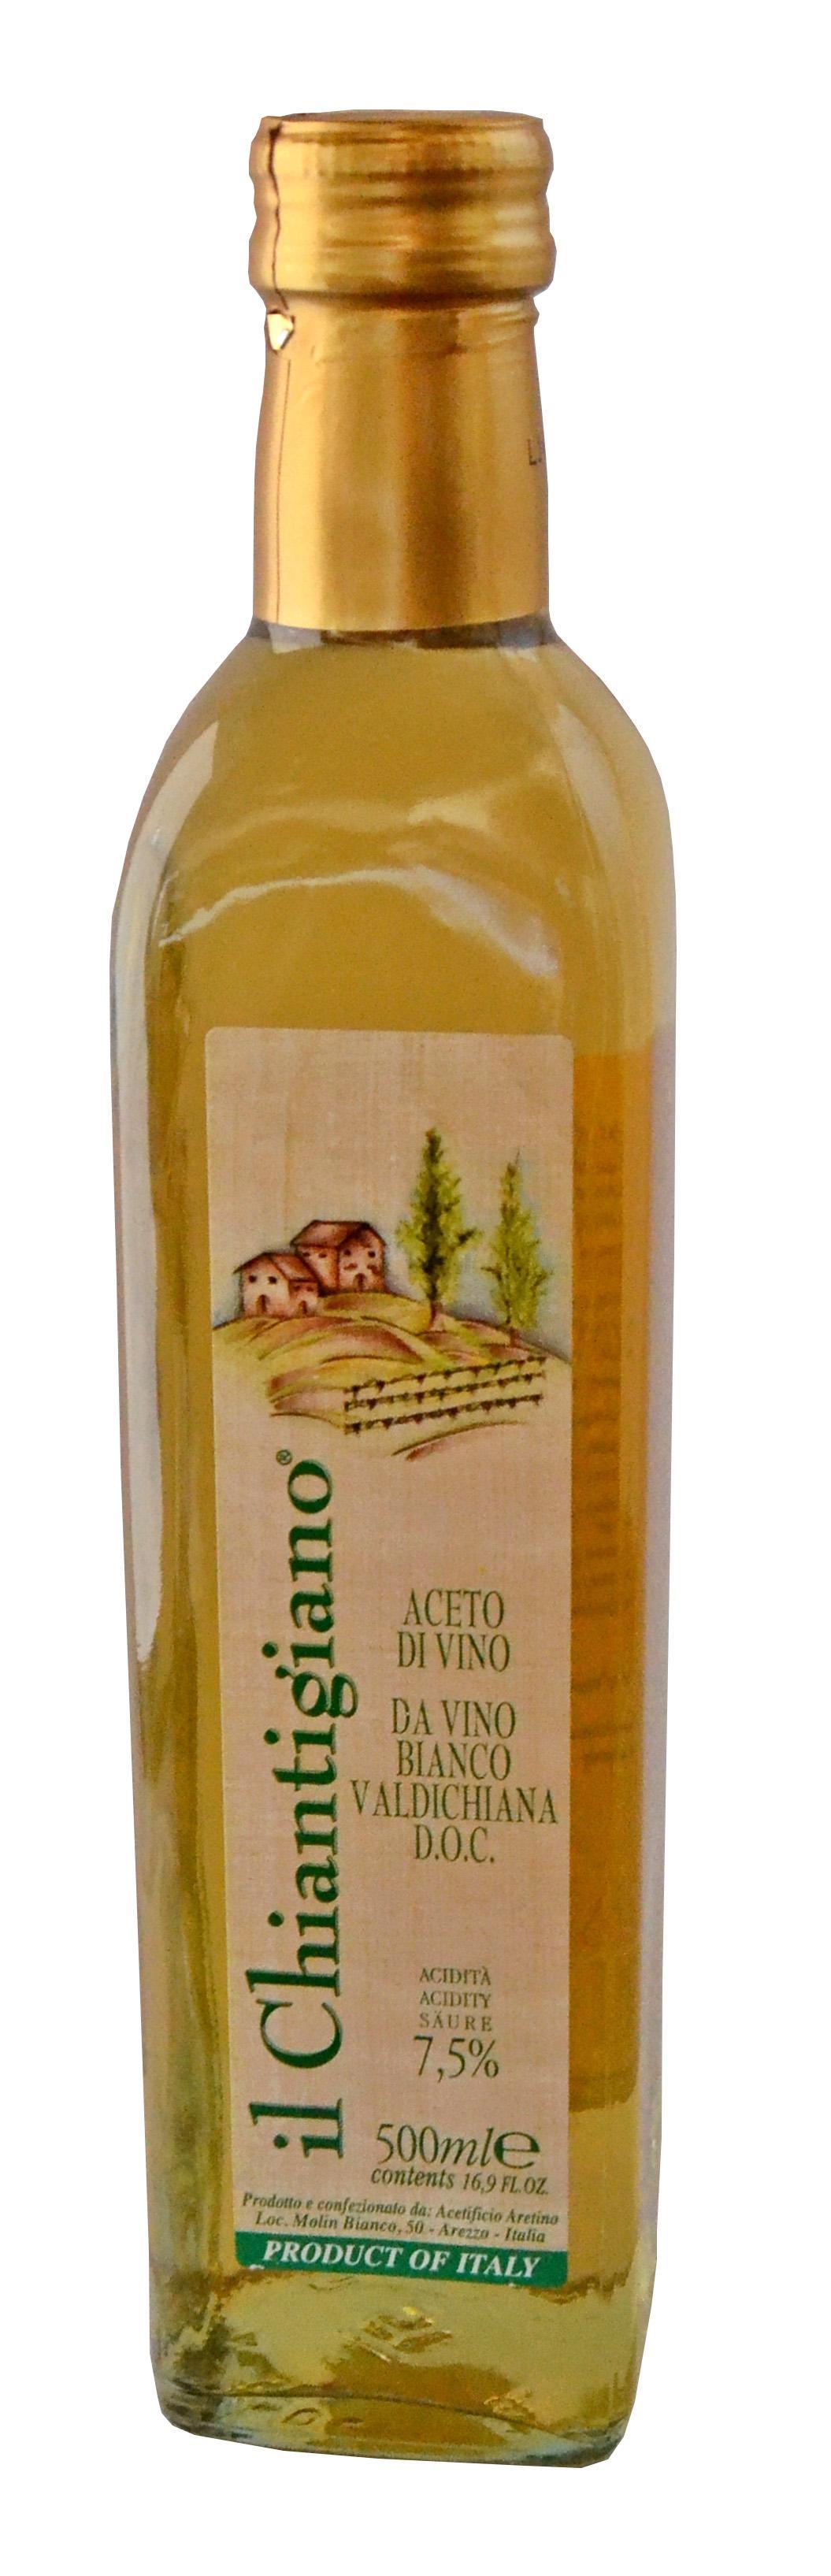 Aceto Balsamico di Modena I.G.P. bottiglia cl 50